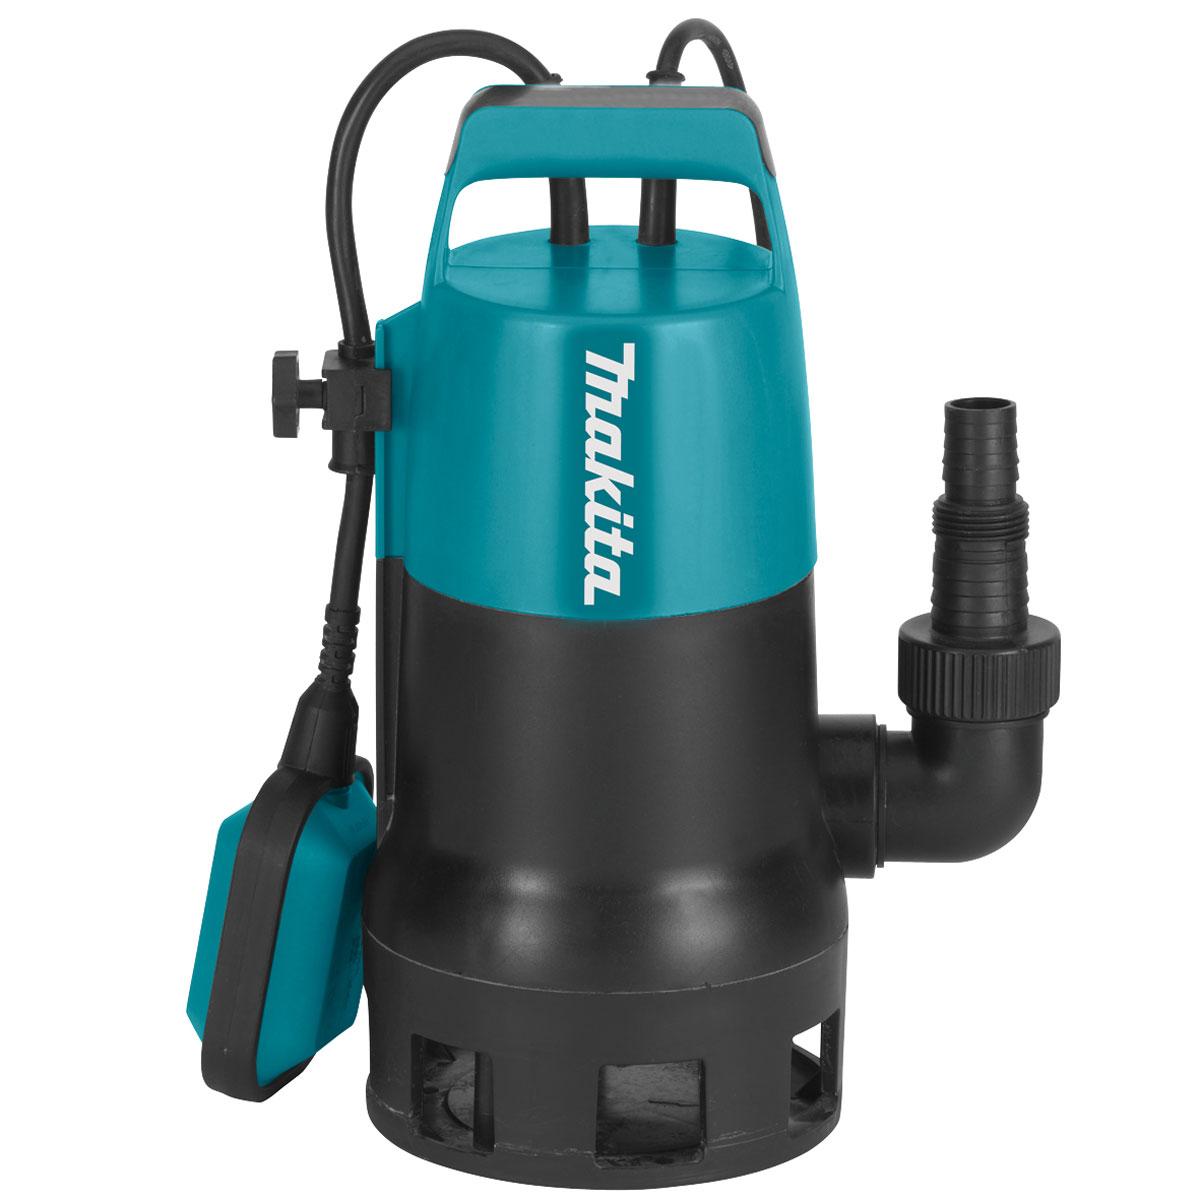 Makita PF0410 potopna pumpa za prljavu vodu